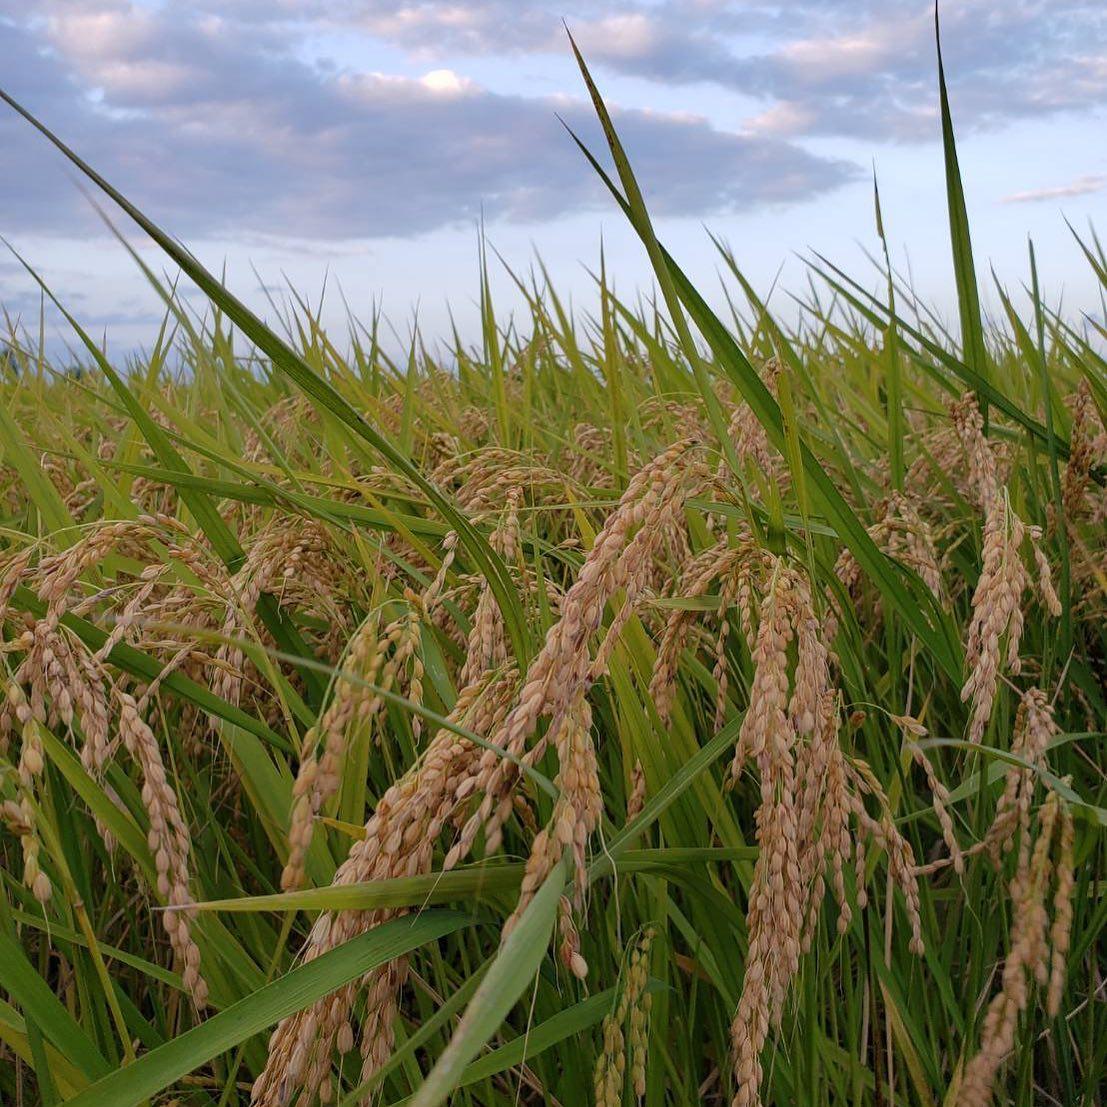 菅原さんのお米の収穫が始まっています。令和の皇室献上米に選ばれた「とちぎの星」️甘くて大粒、冷めてもおいしいと評判です店頭に届くまではもうしばらくお待ちください️